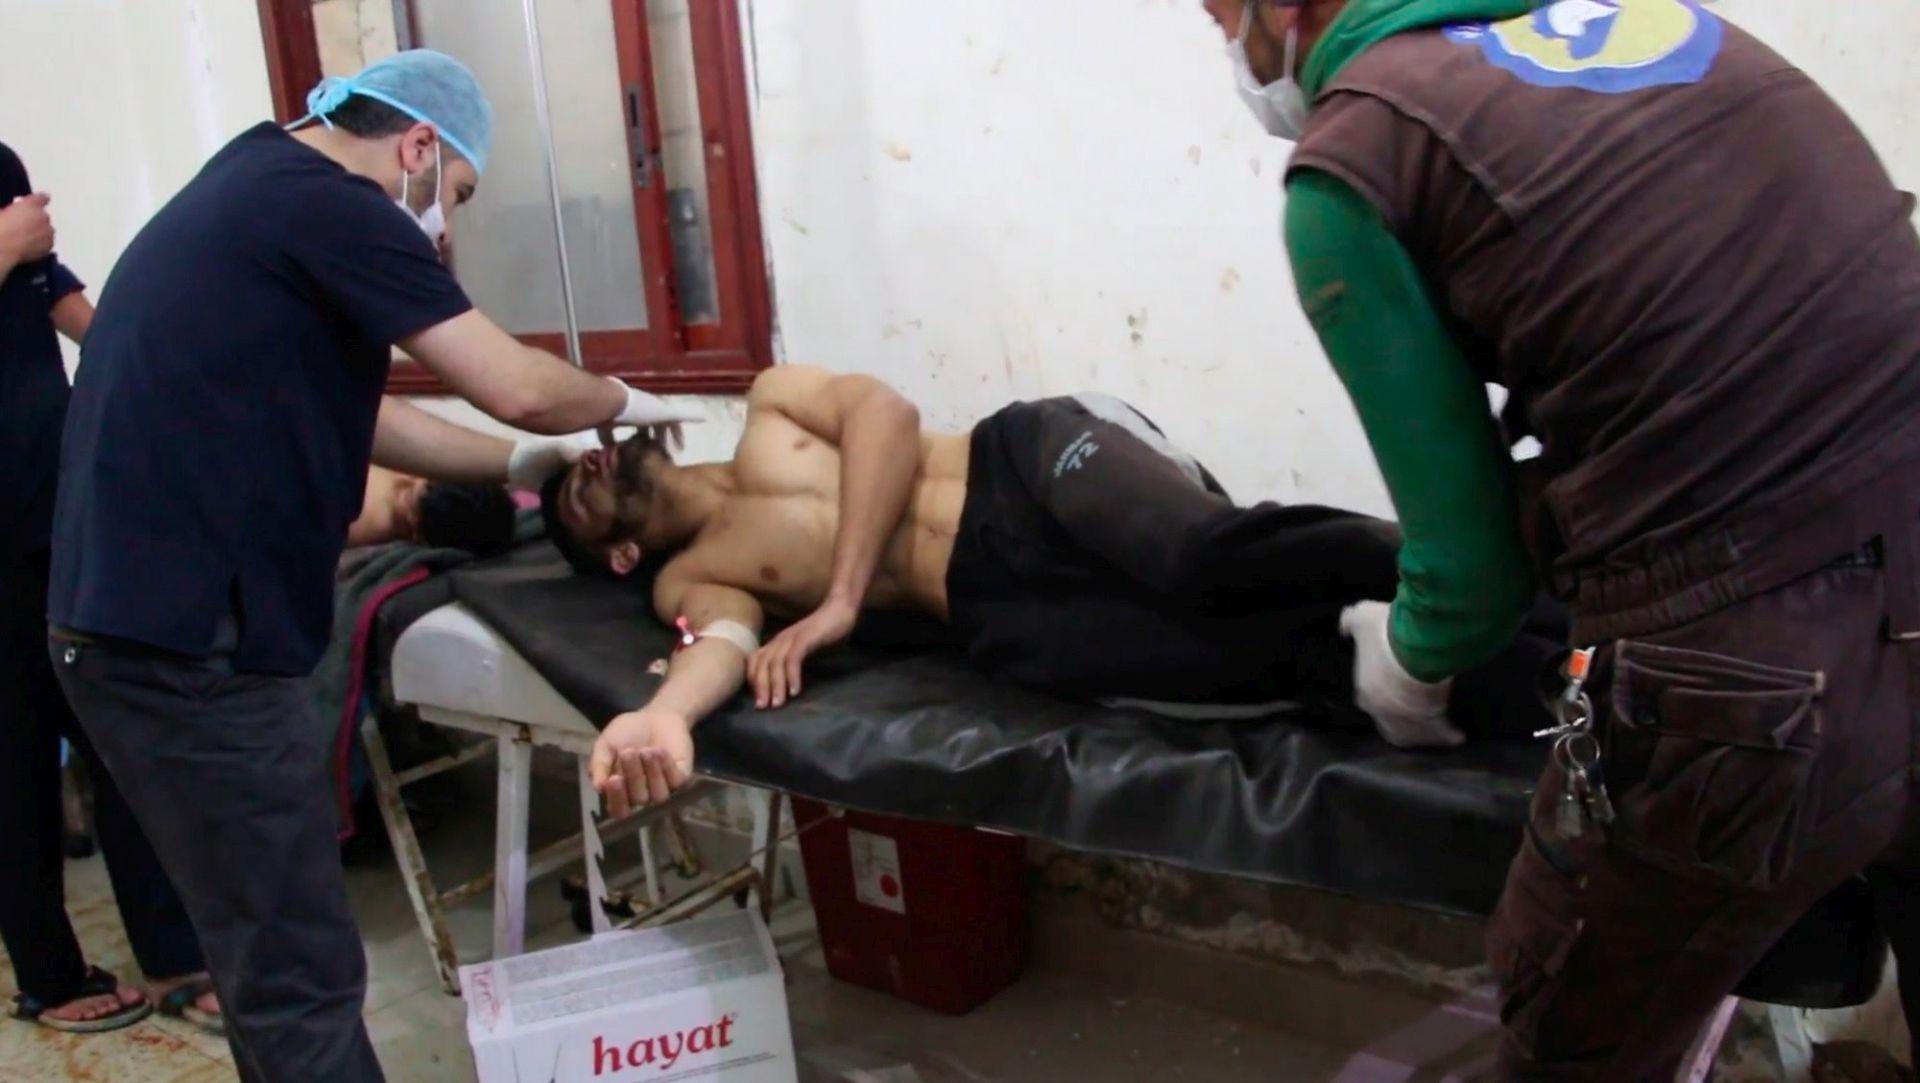 SIRIJA 26 mrtvih u atentatu IS-a na izbjeligce